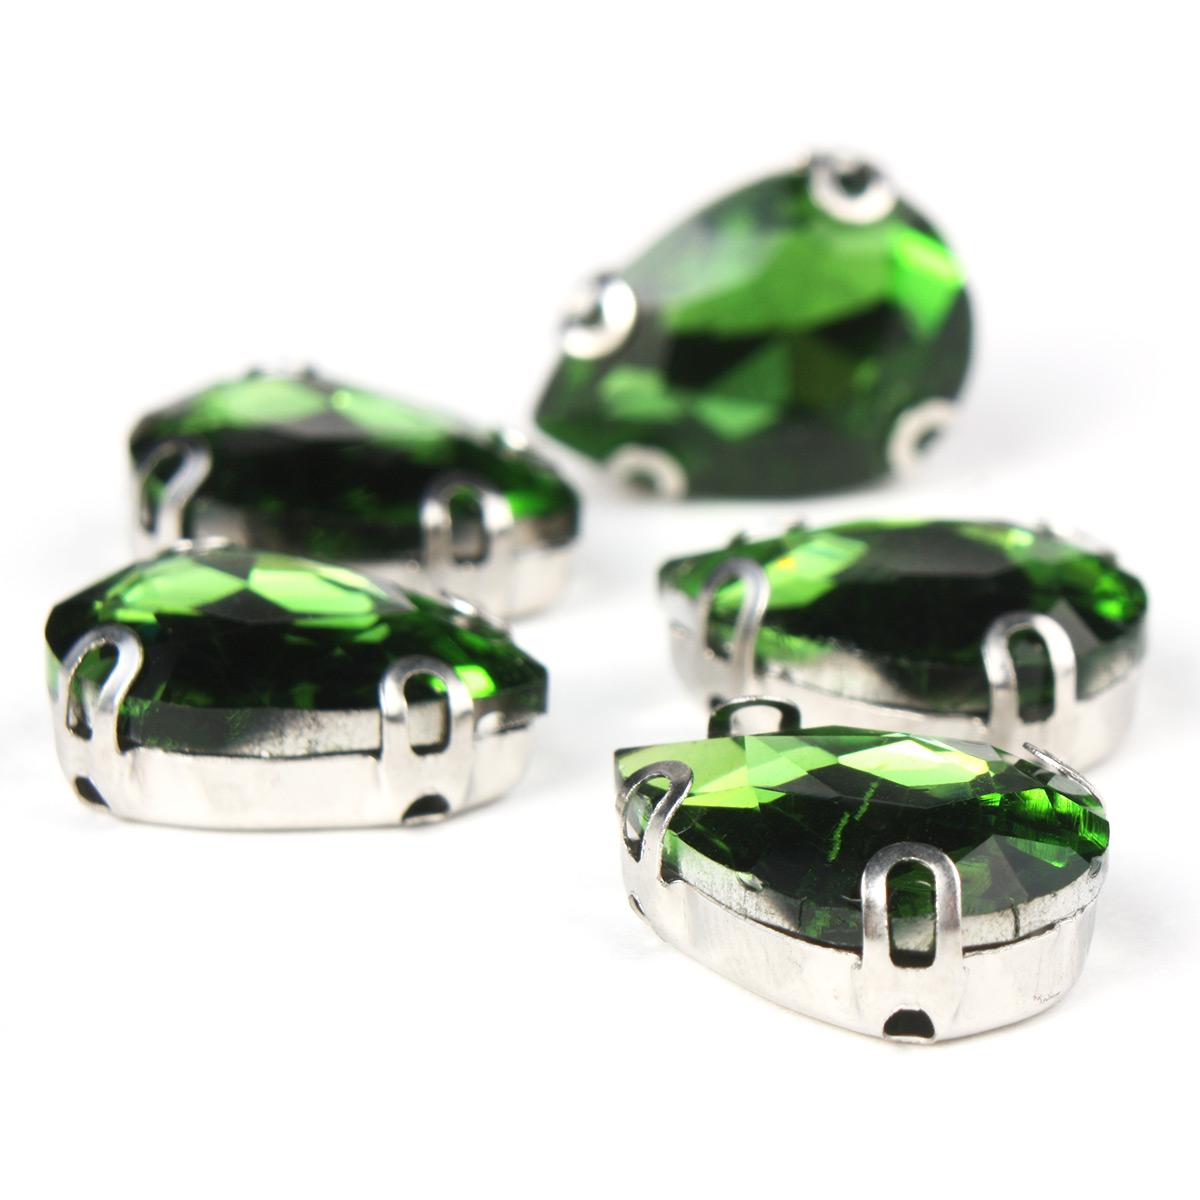 АЦ008НН1014 Хрустальные стразы в цапах формы 'капля', зеленый 10х14 мм, 5 шт.